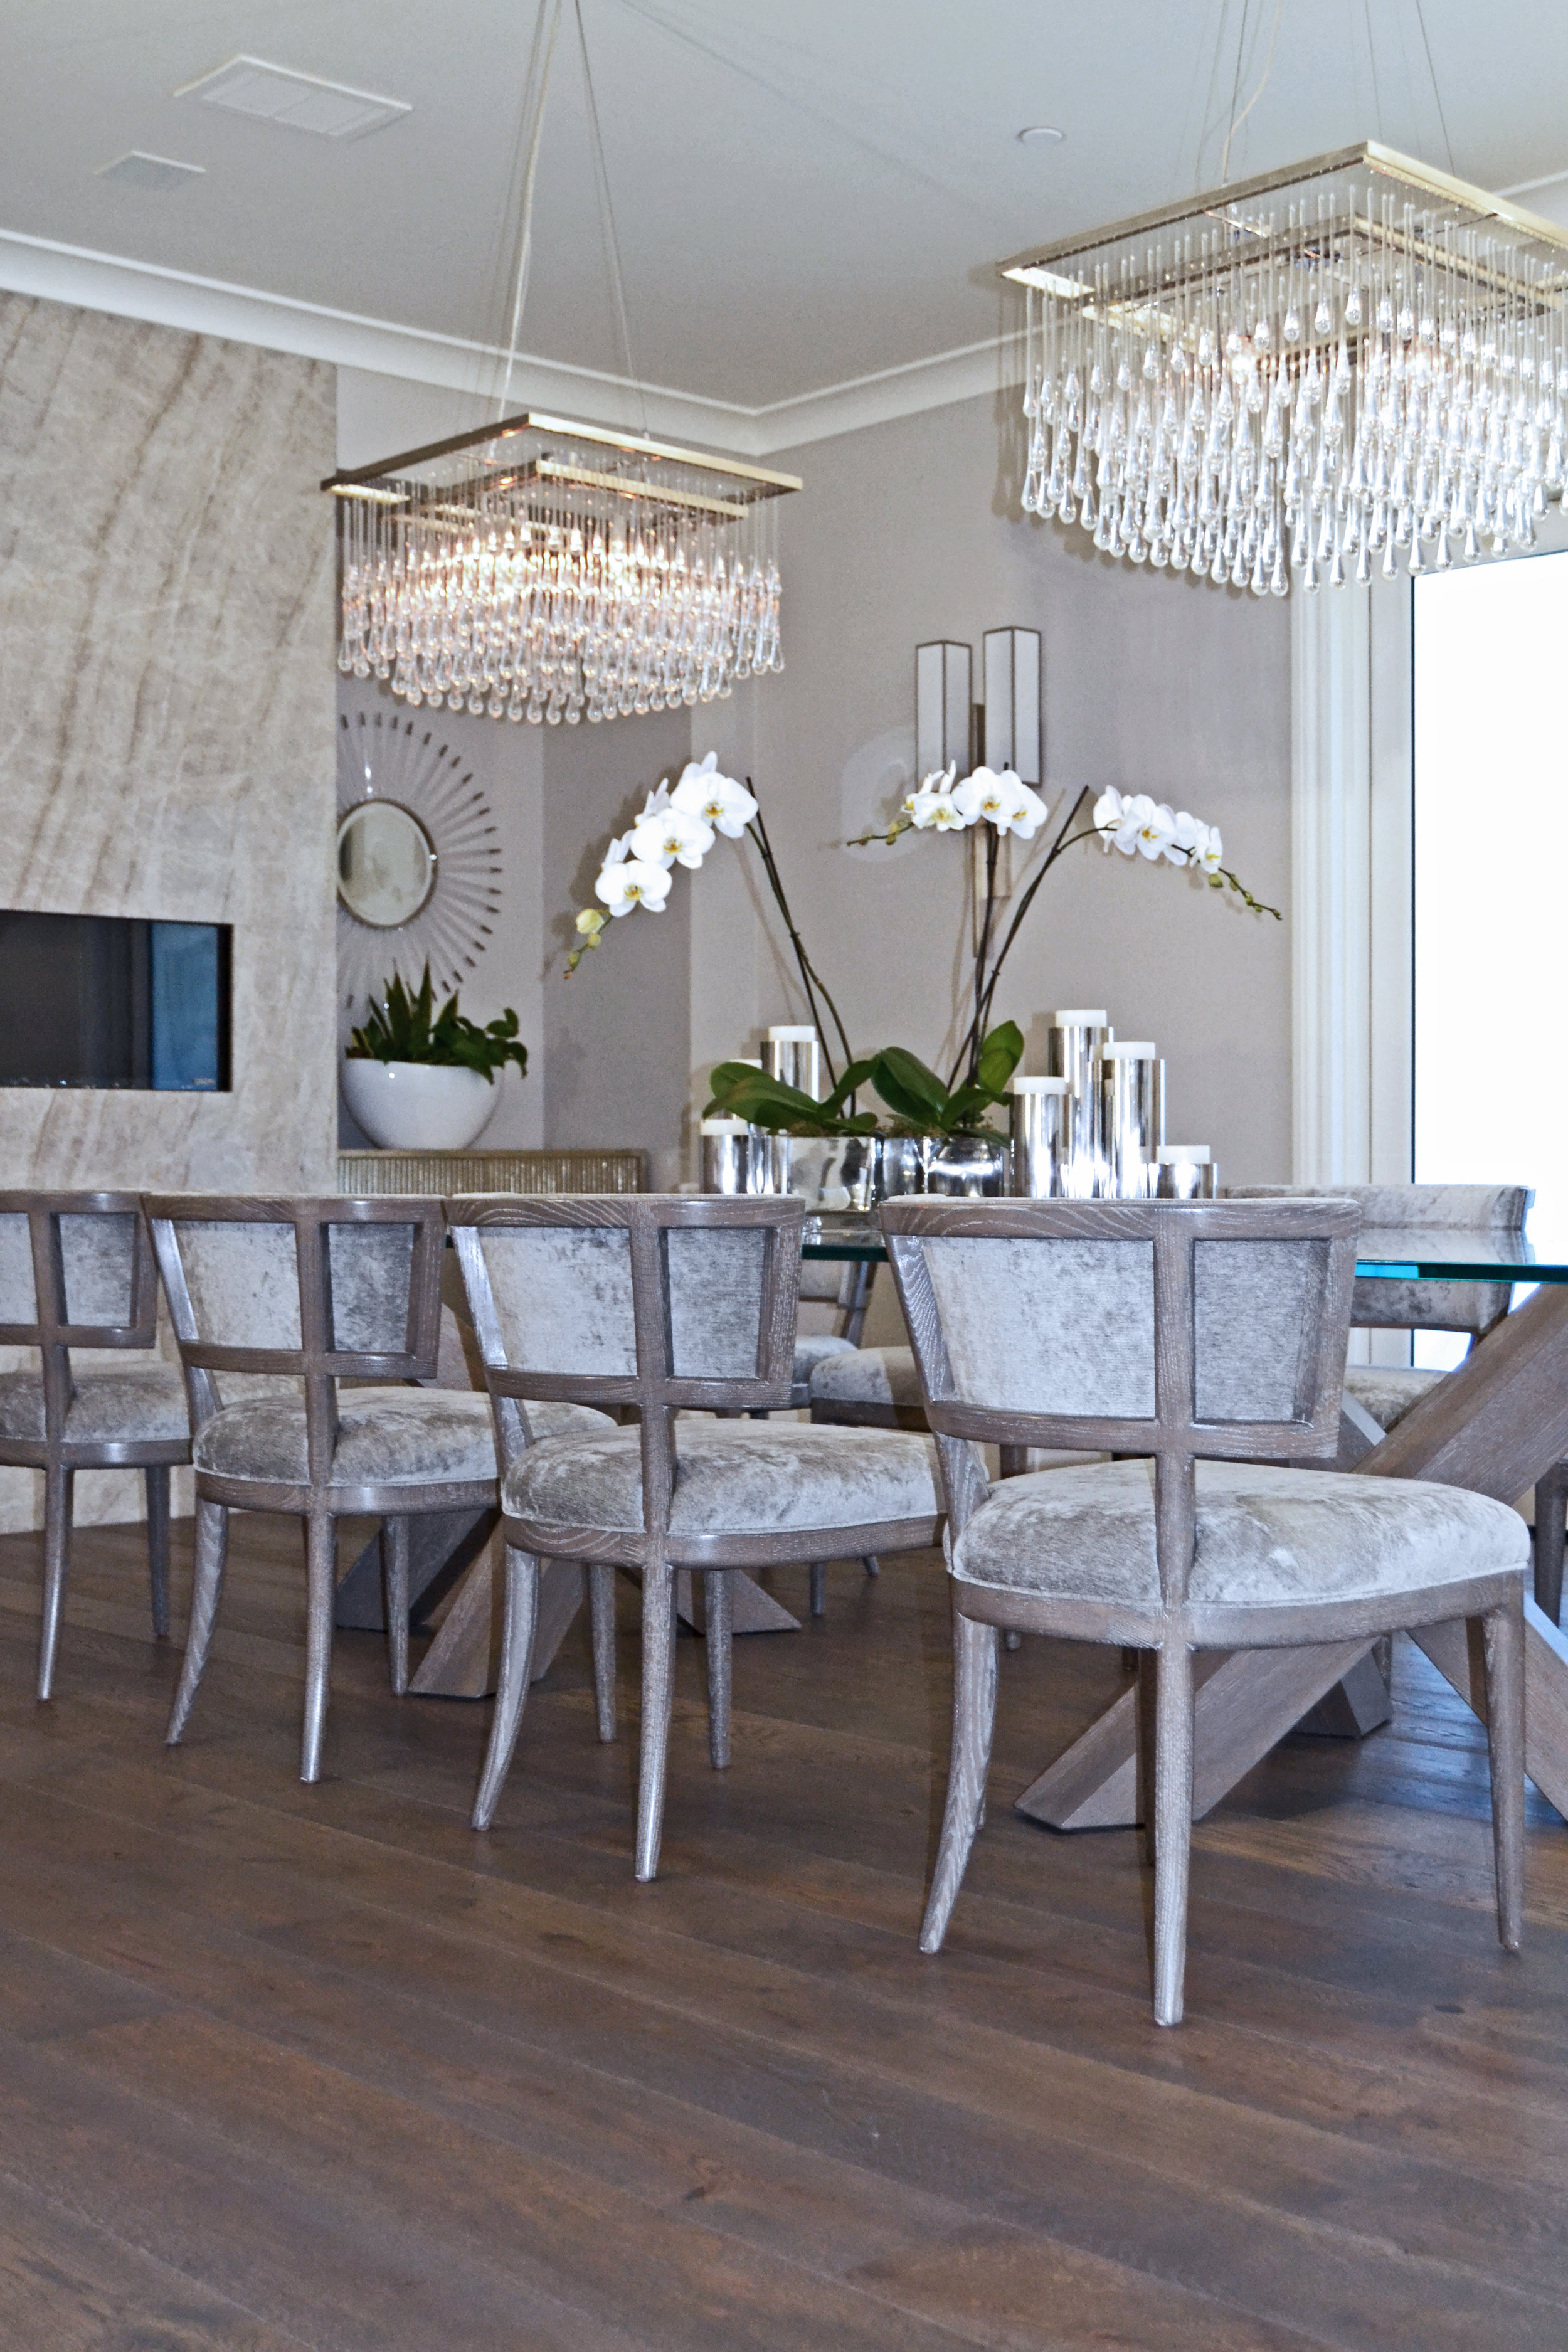 Dining Room Final2.jpg